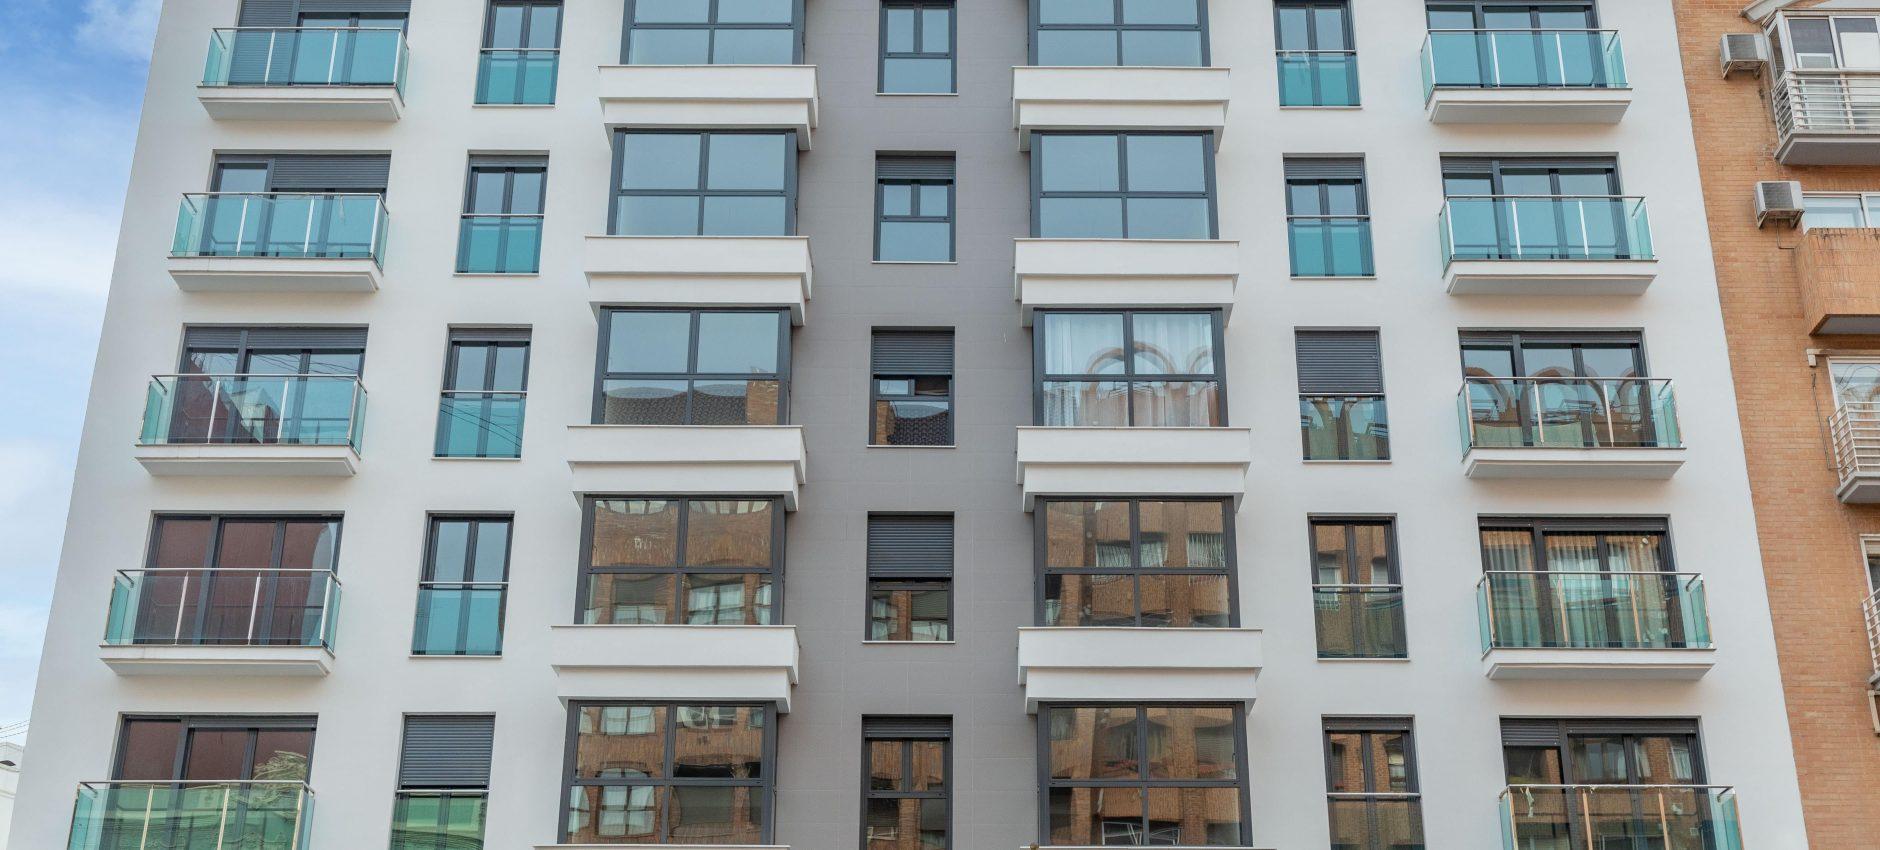 Edificio-6-min-scaled.jpg